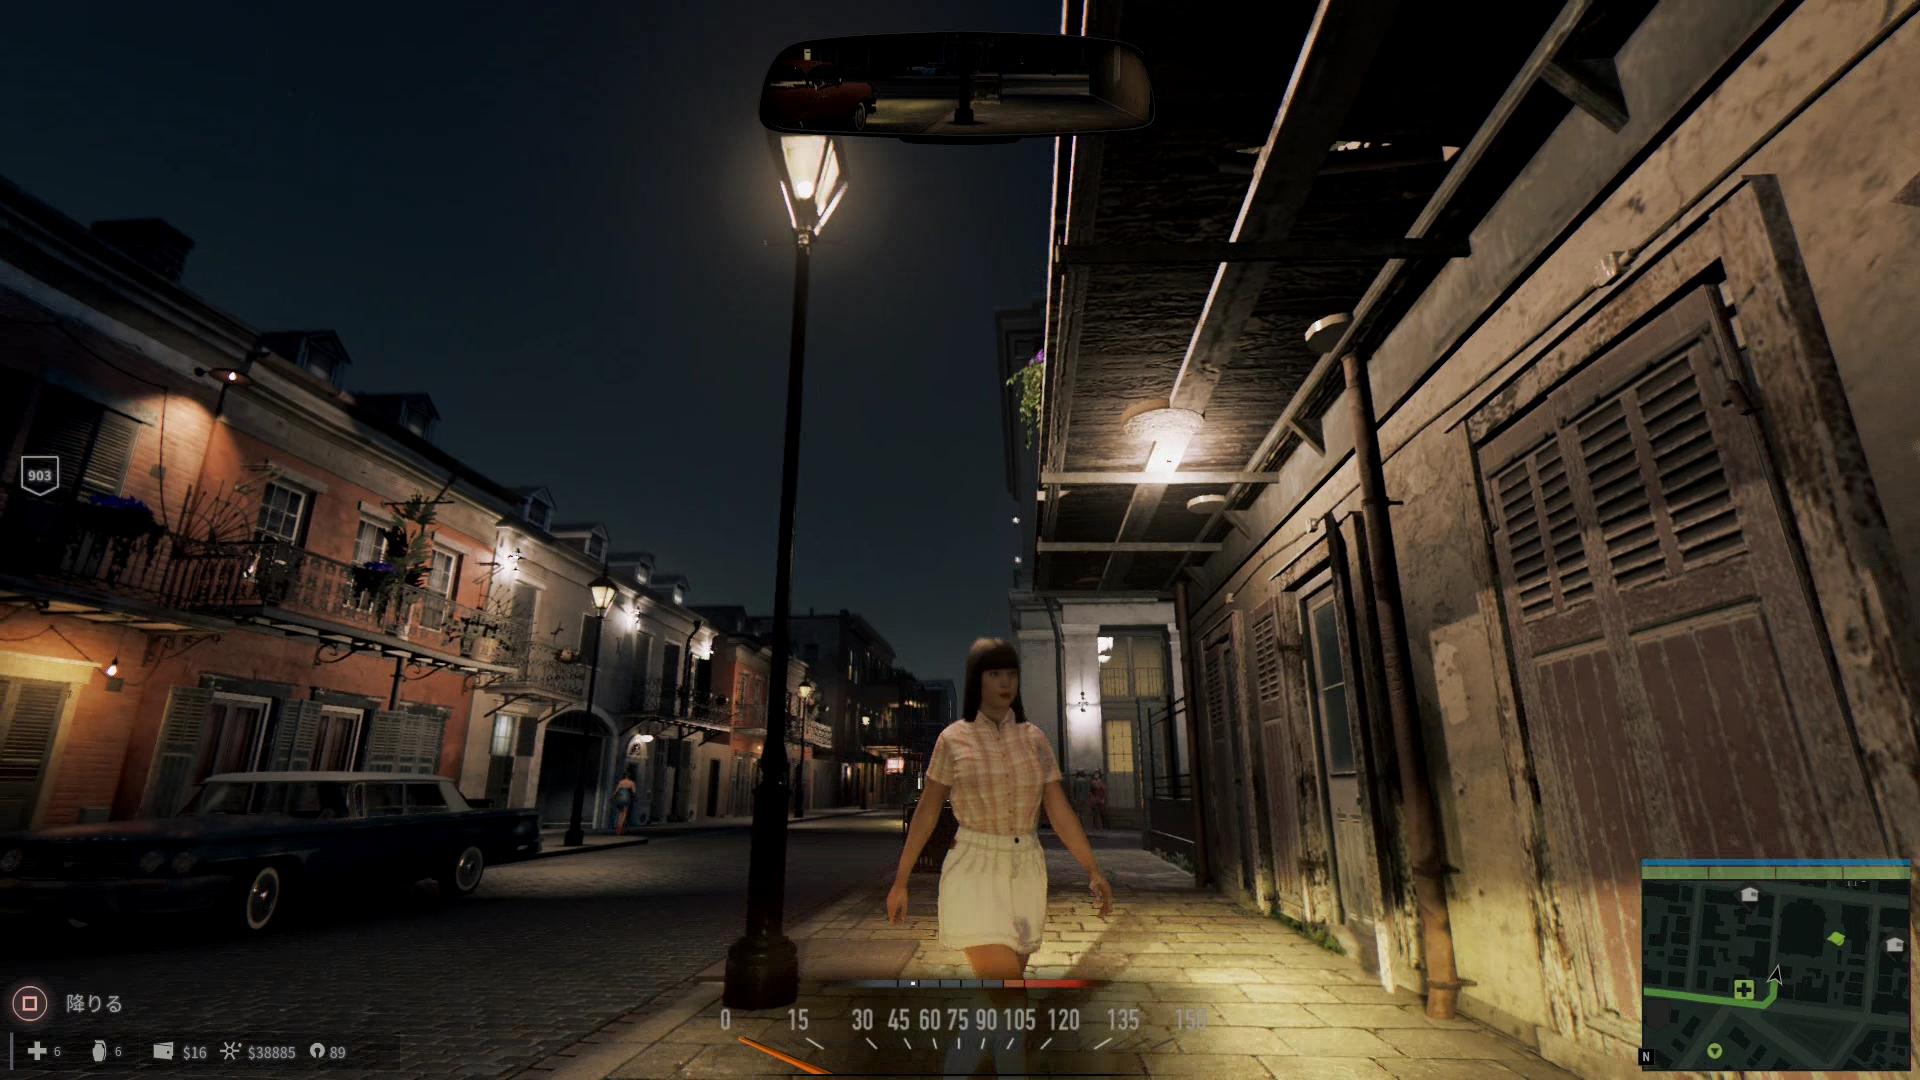 「フランス街」で見つけた俺の天使! どことなくデビュー初期の中川翔子さん(しょこたん)に似てないこともないような気がするんだが……気のせいかな?